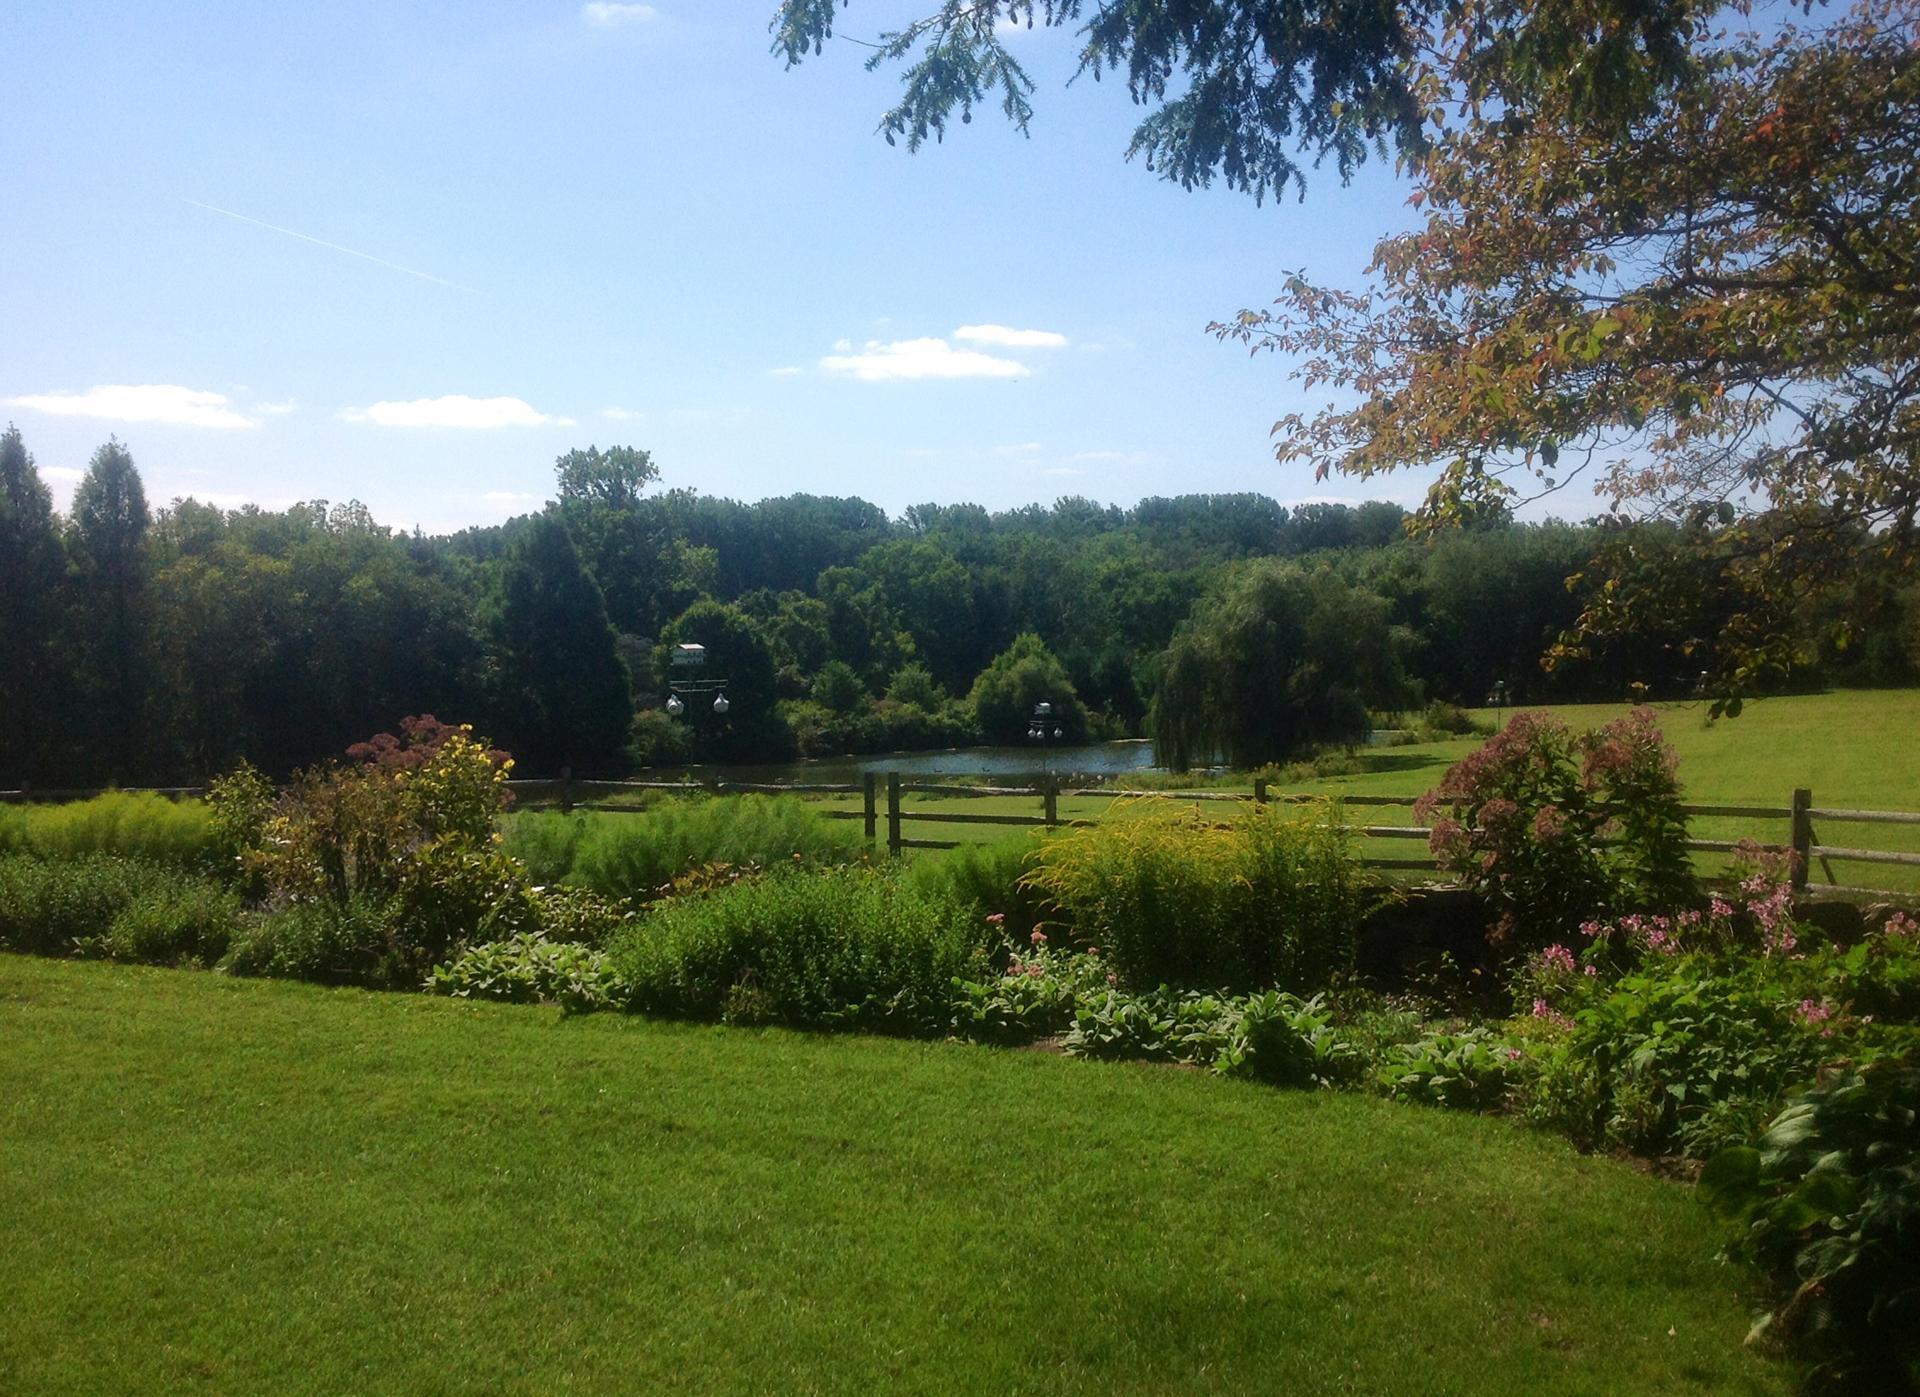 horse-farm-perennial-border-garden-design-greenville-de